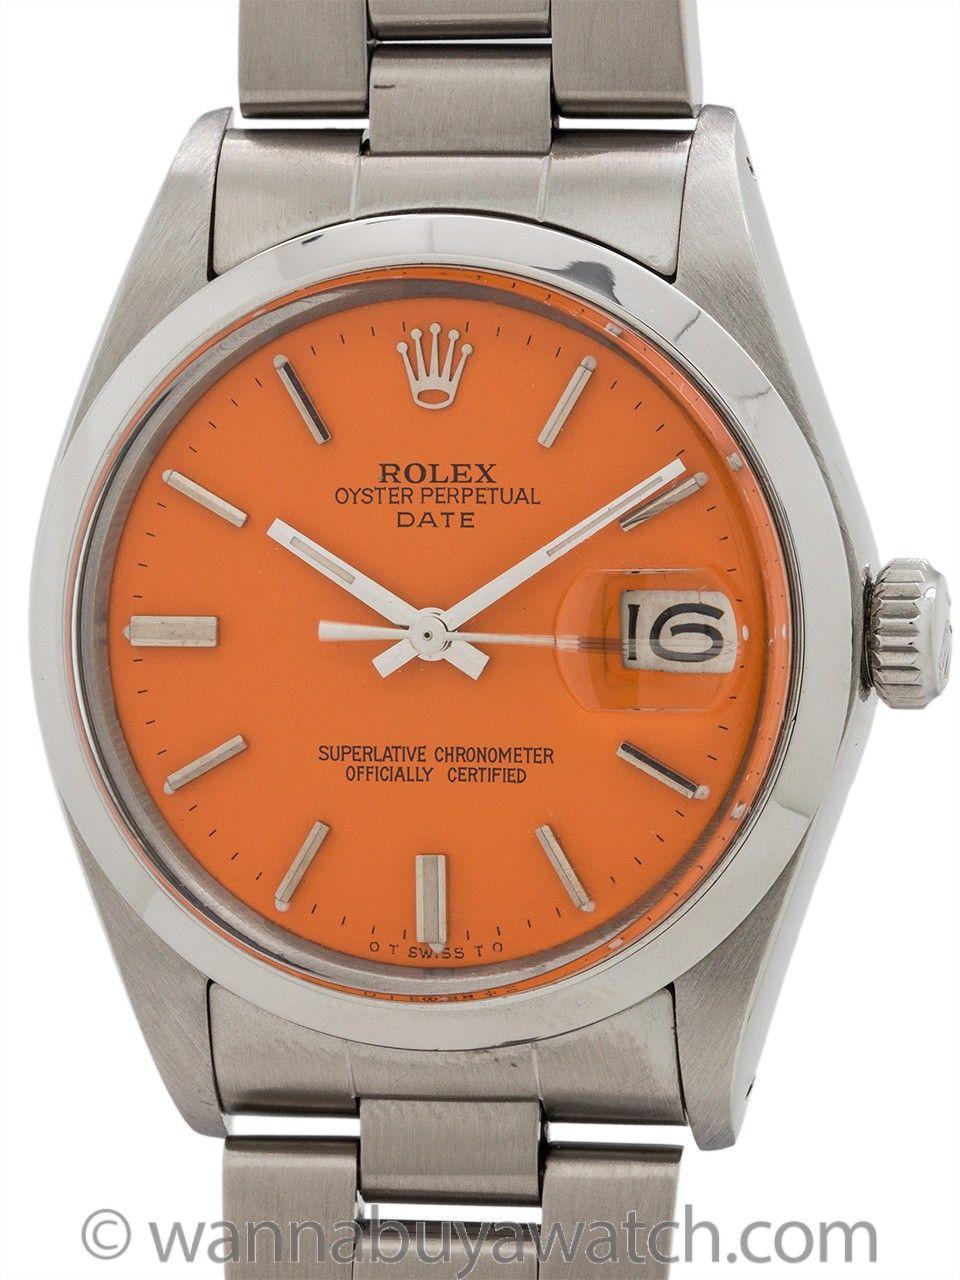 Rolex Oyster Perpetual Date Ref 1500 Circa 1970 Orange Sherbert Rolex Oyster Perpetual Date Rolex Oyster Rolex